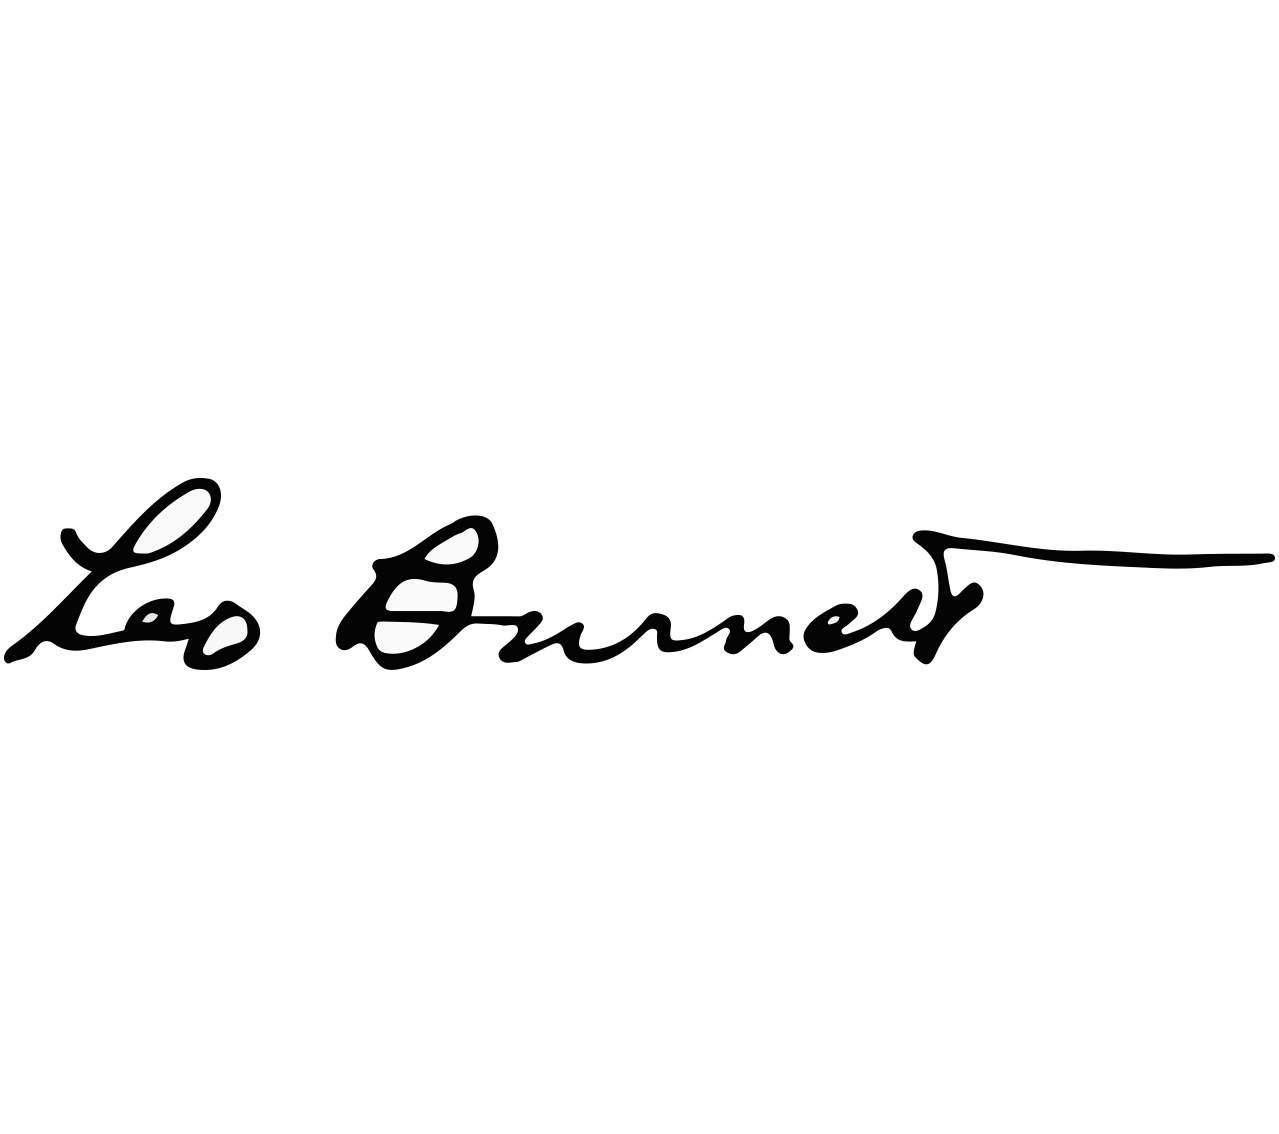 Leo Burnett.jpg